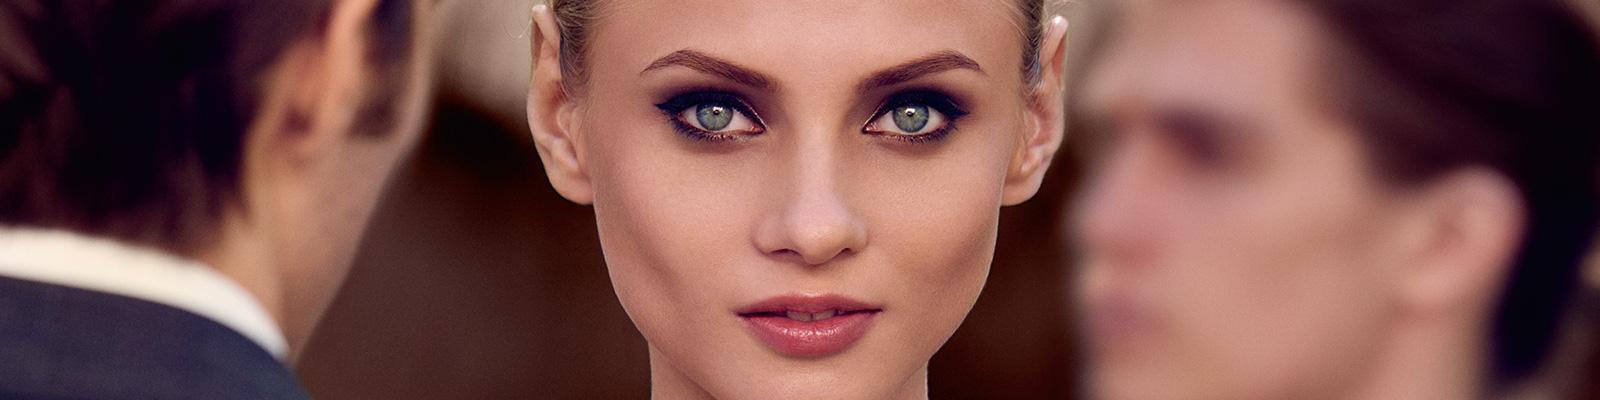 Un format inédit de palette maquillage